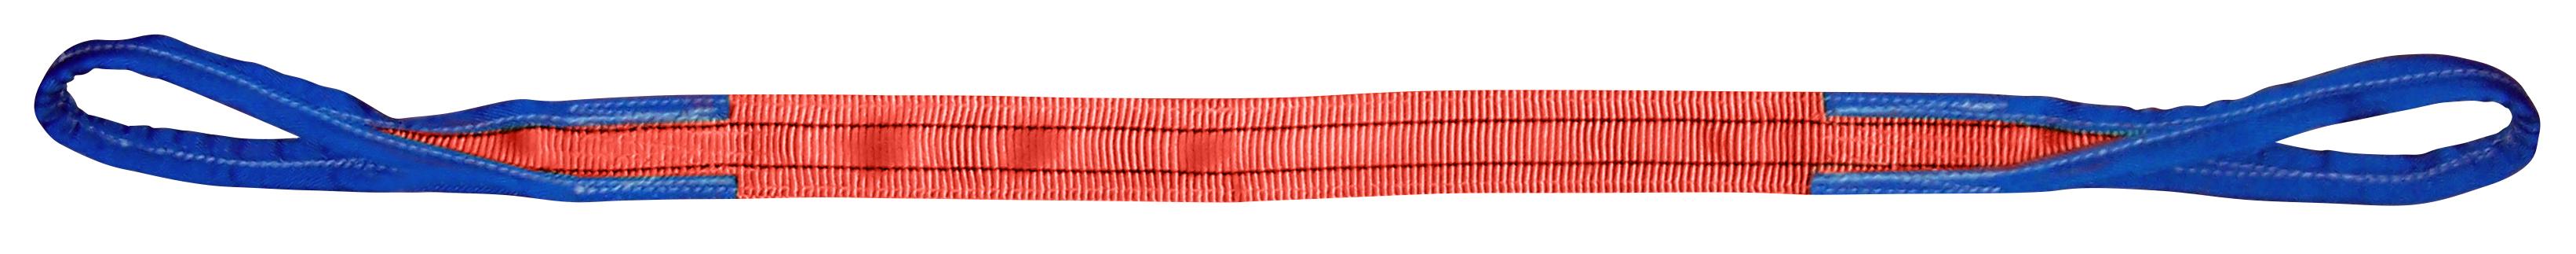 Hebeband 2 -lagig, vollverstärkte Schlaufen, Tragfähigkeit 5 Tonnen